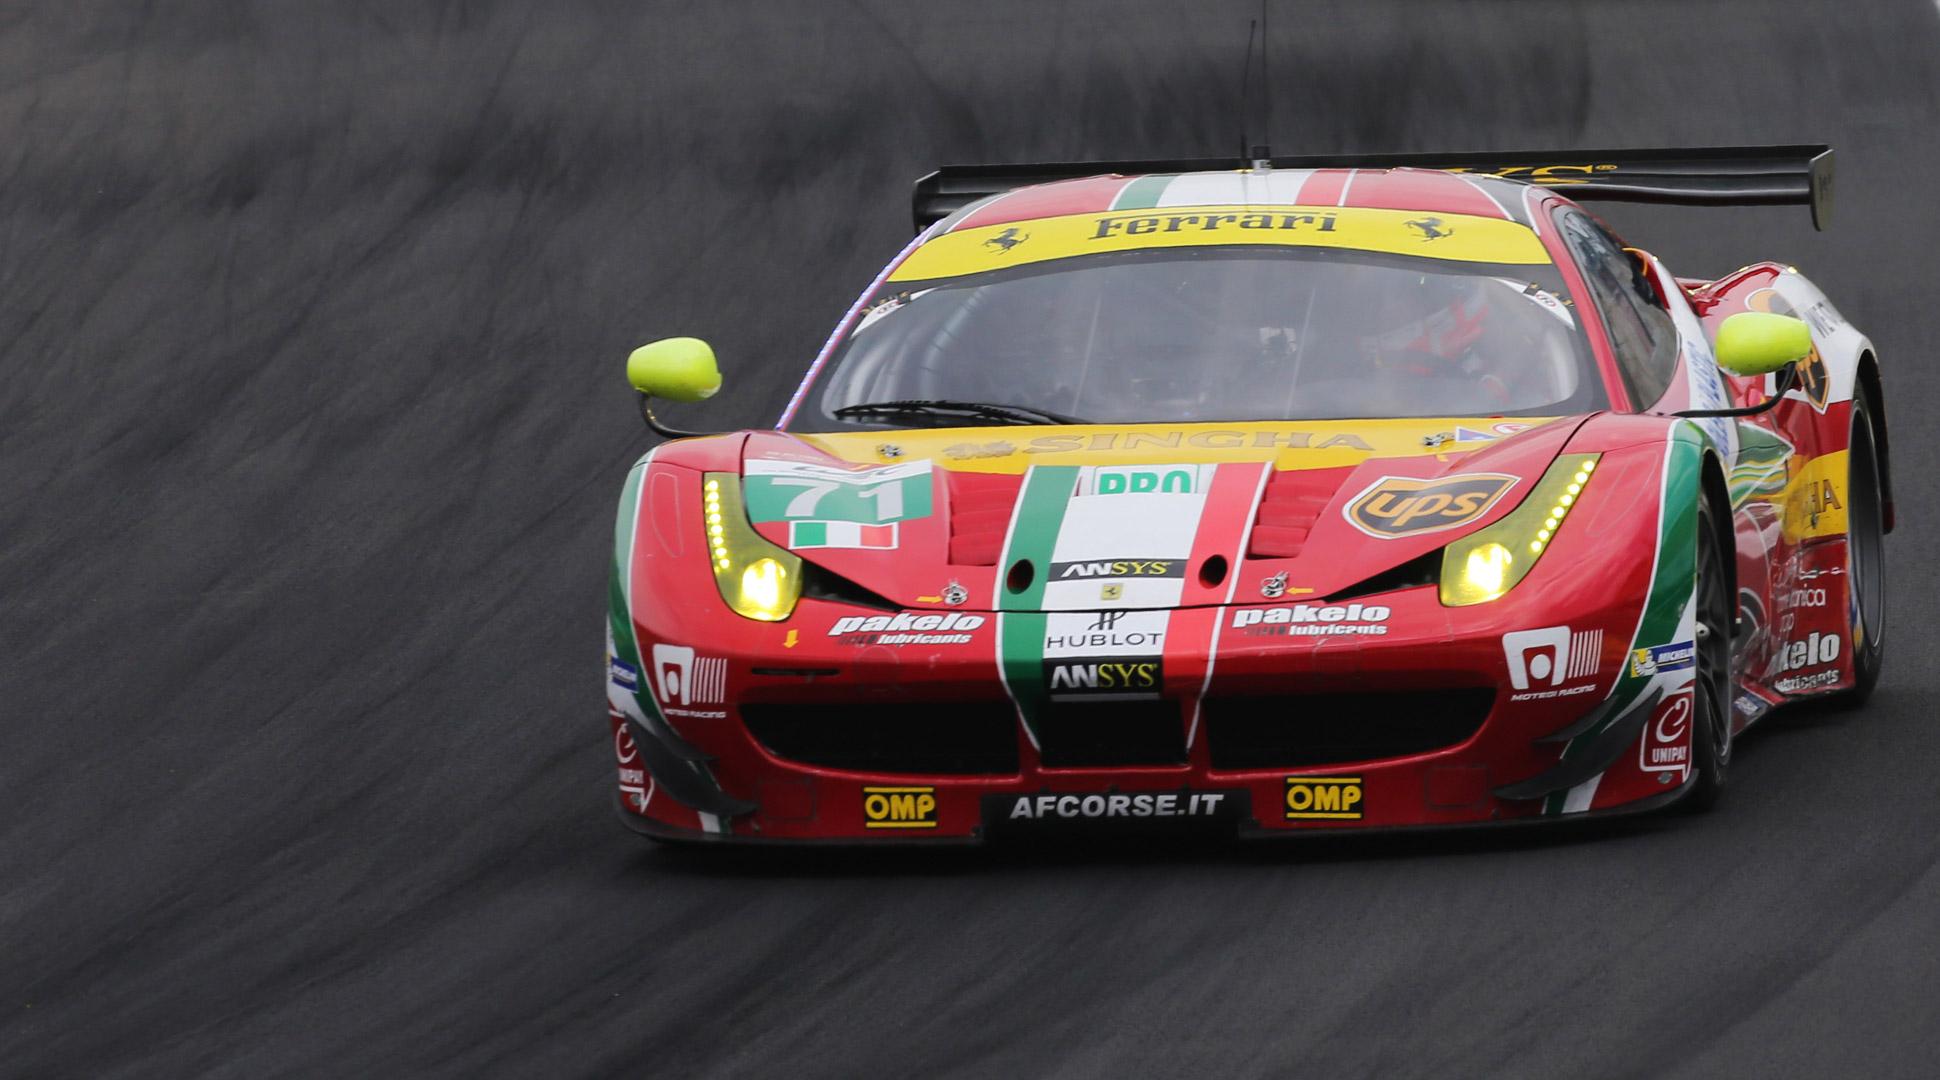 WEC, OMP & Ferrari